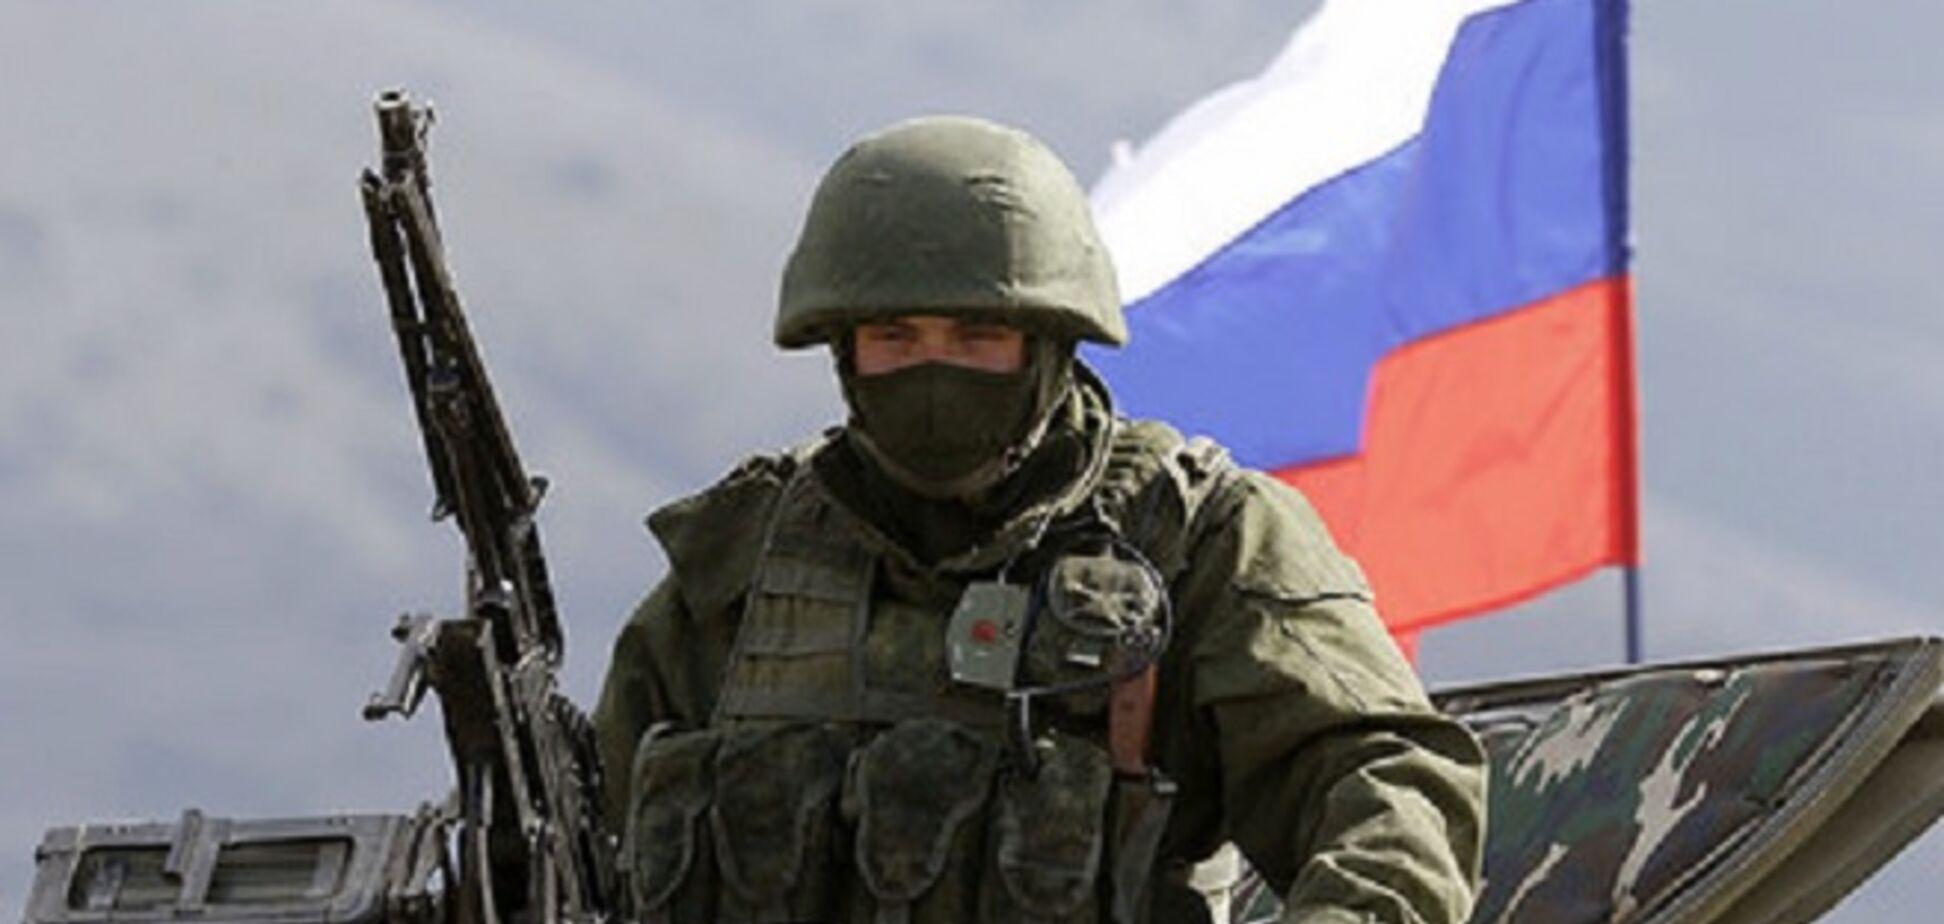 США уничтожили россиян в Сирии: аналитик оценил ответ Москвы